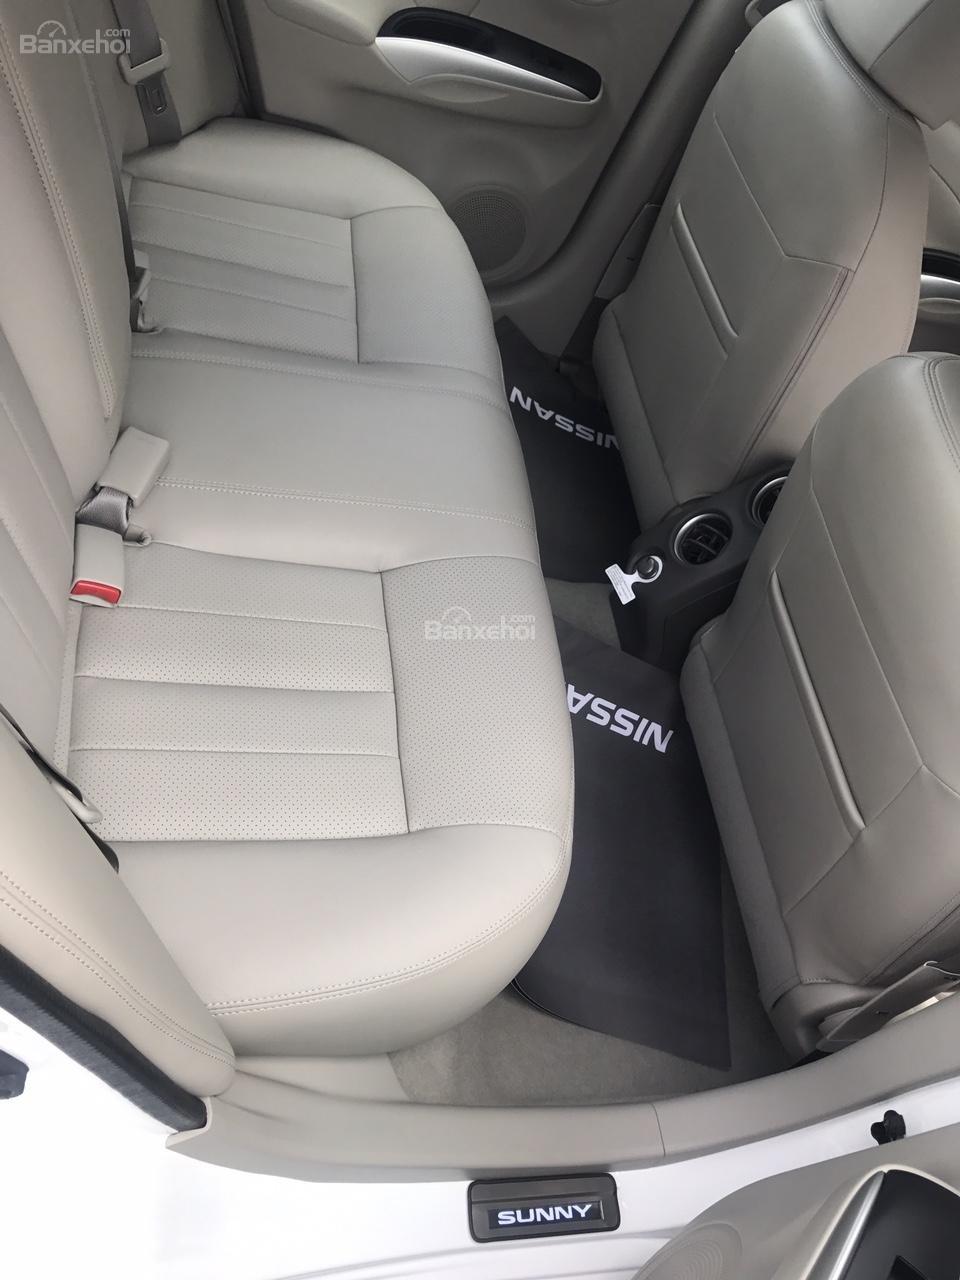 Bán Nissan Sunny XV-Q-Series - phiên bản bản hoàn toàn mới - giảm giá lên đến 40 triệu đồng-9